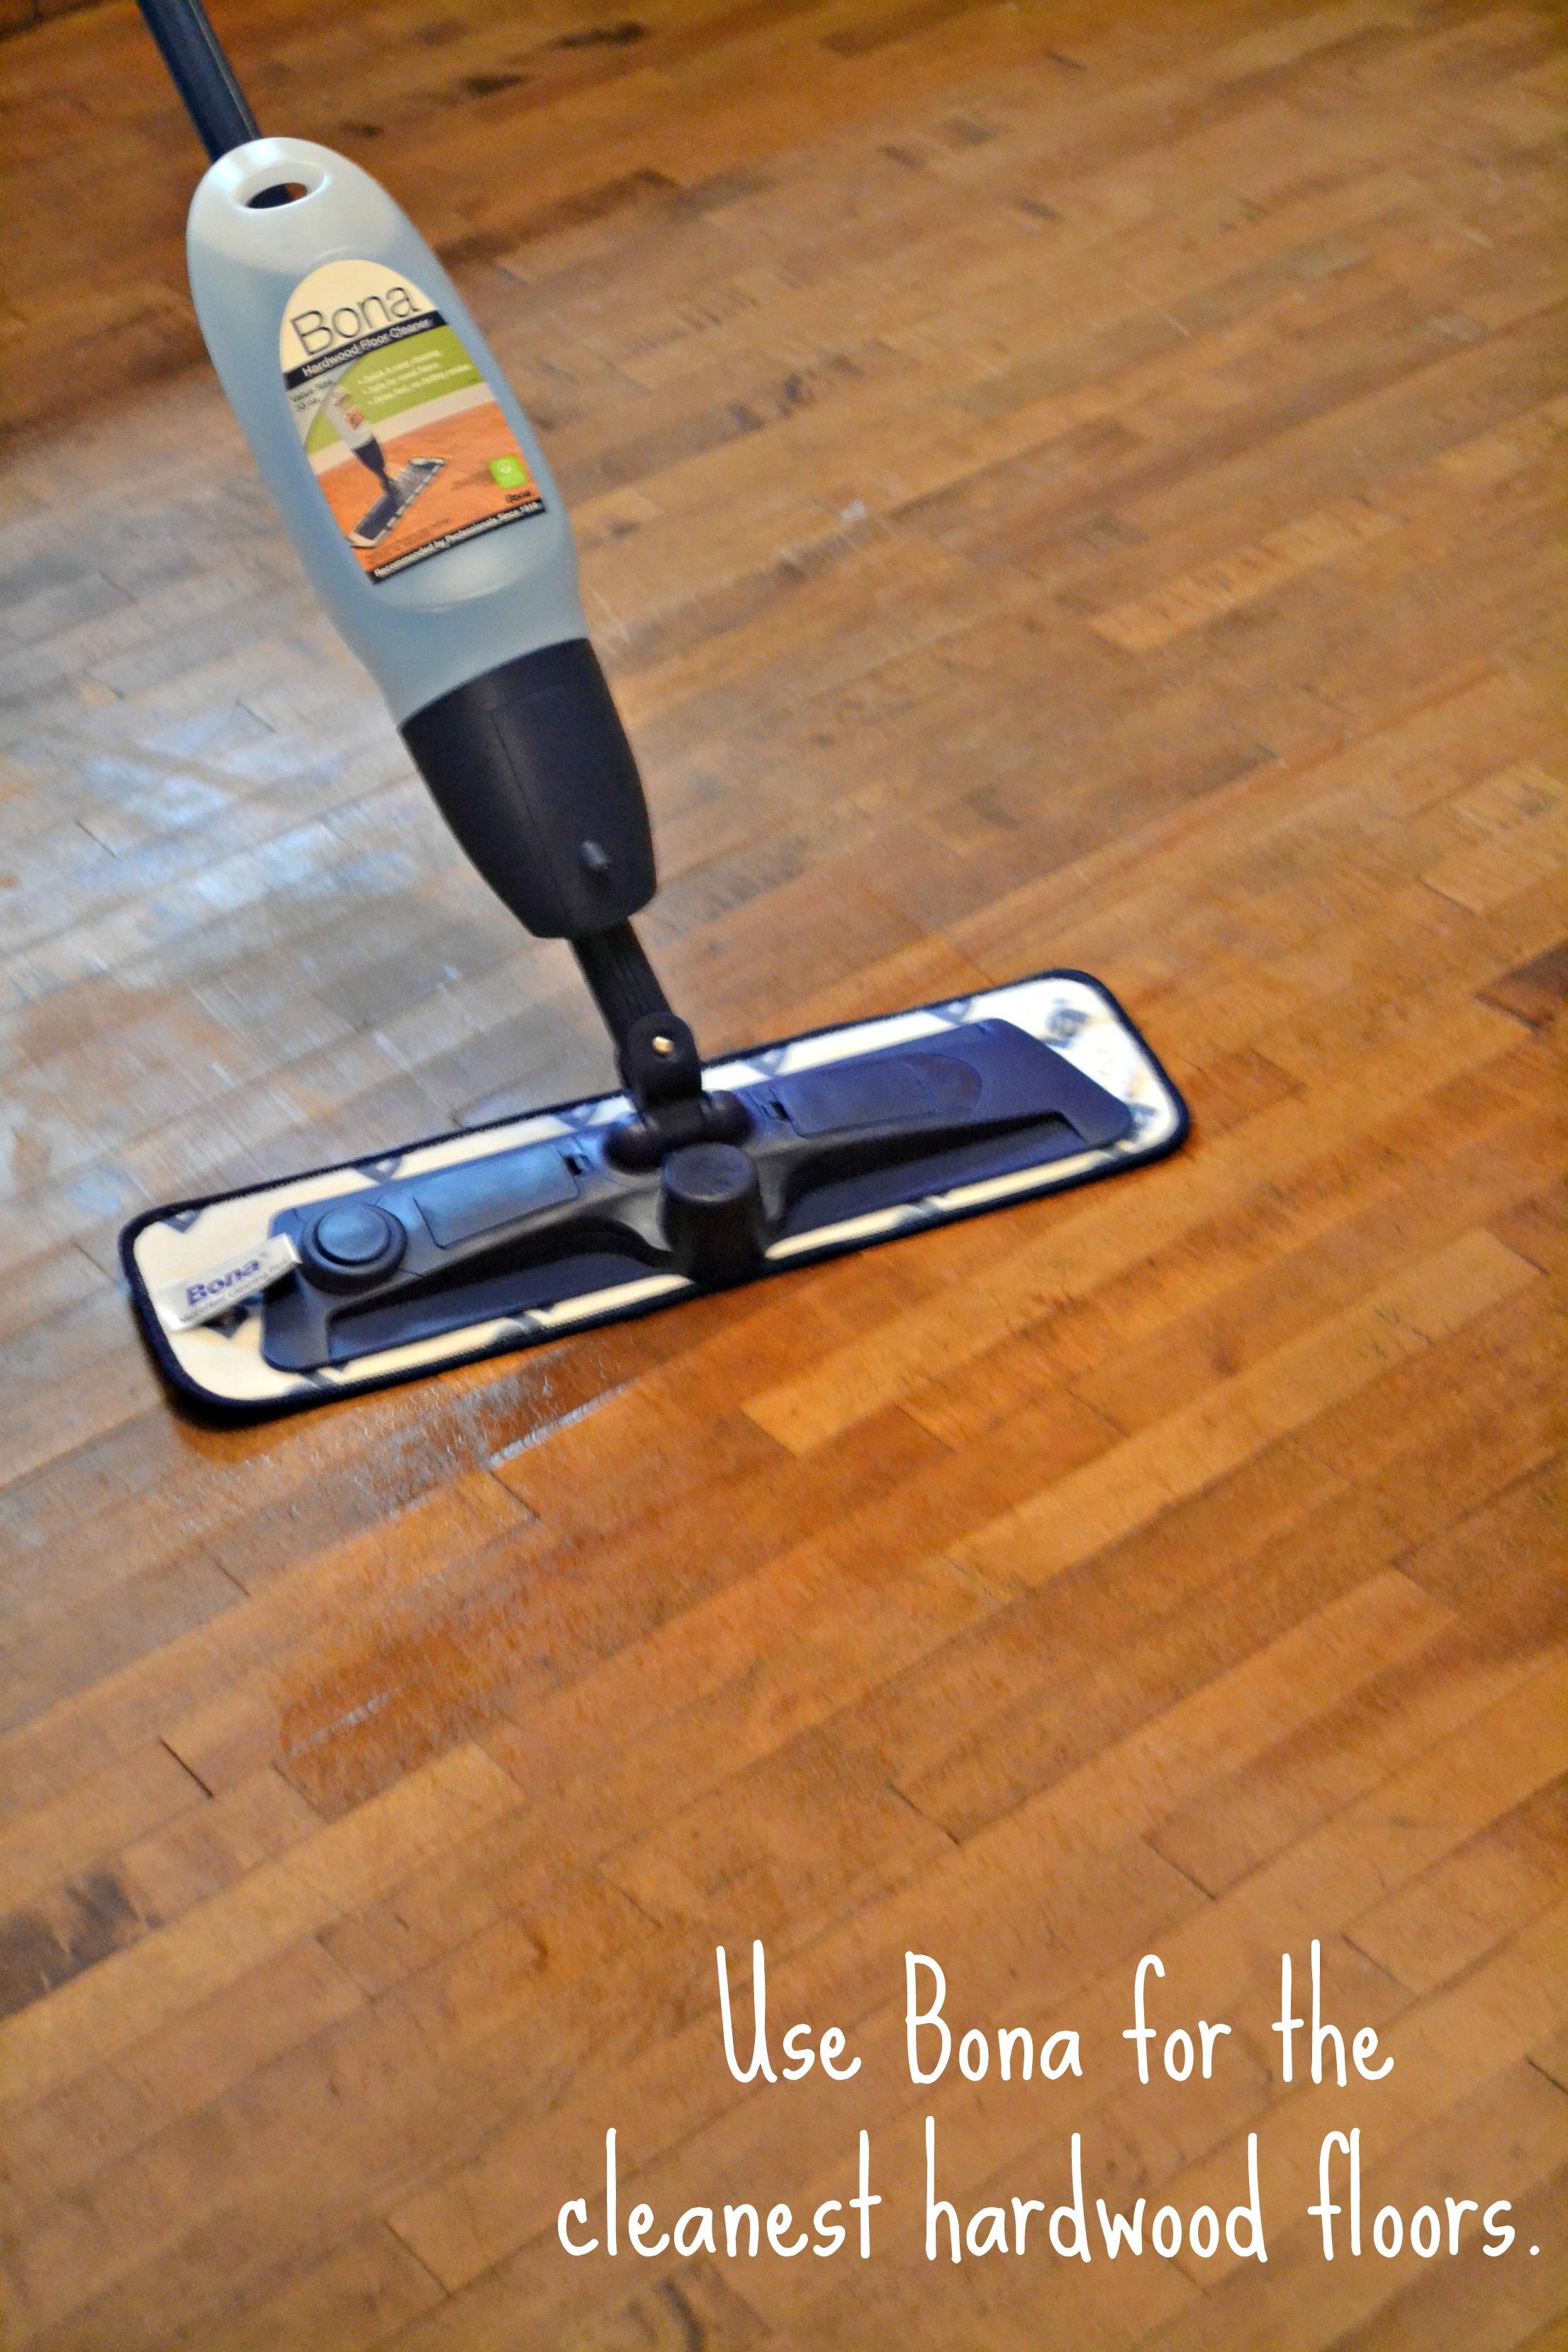 Bona for the cleanest hardwood floors